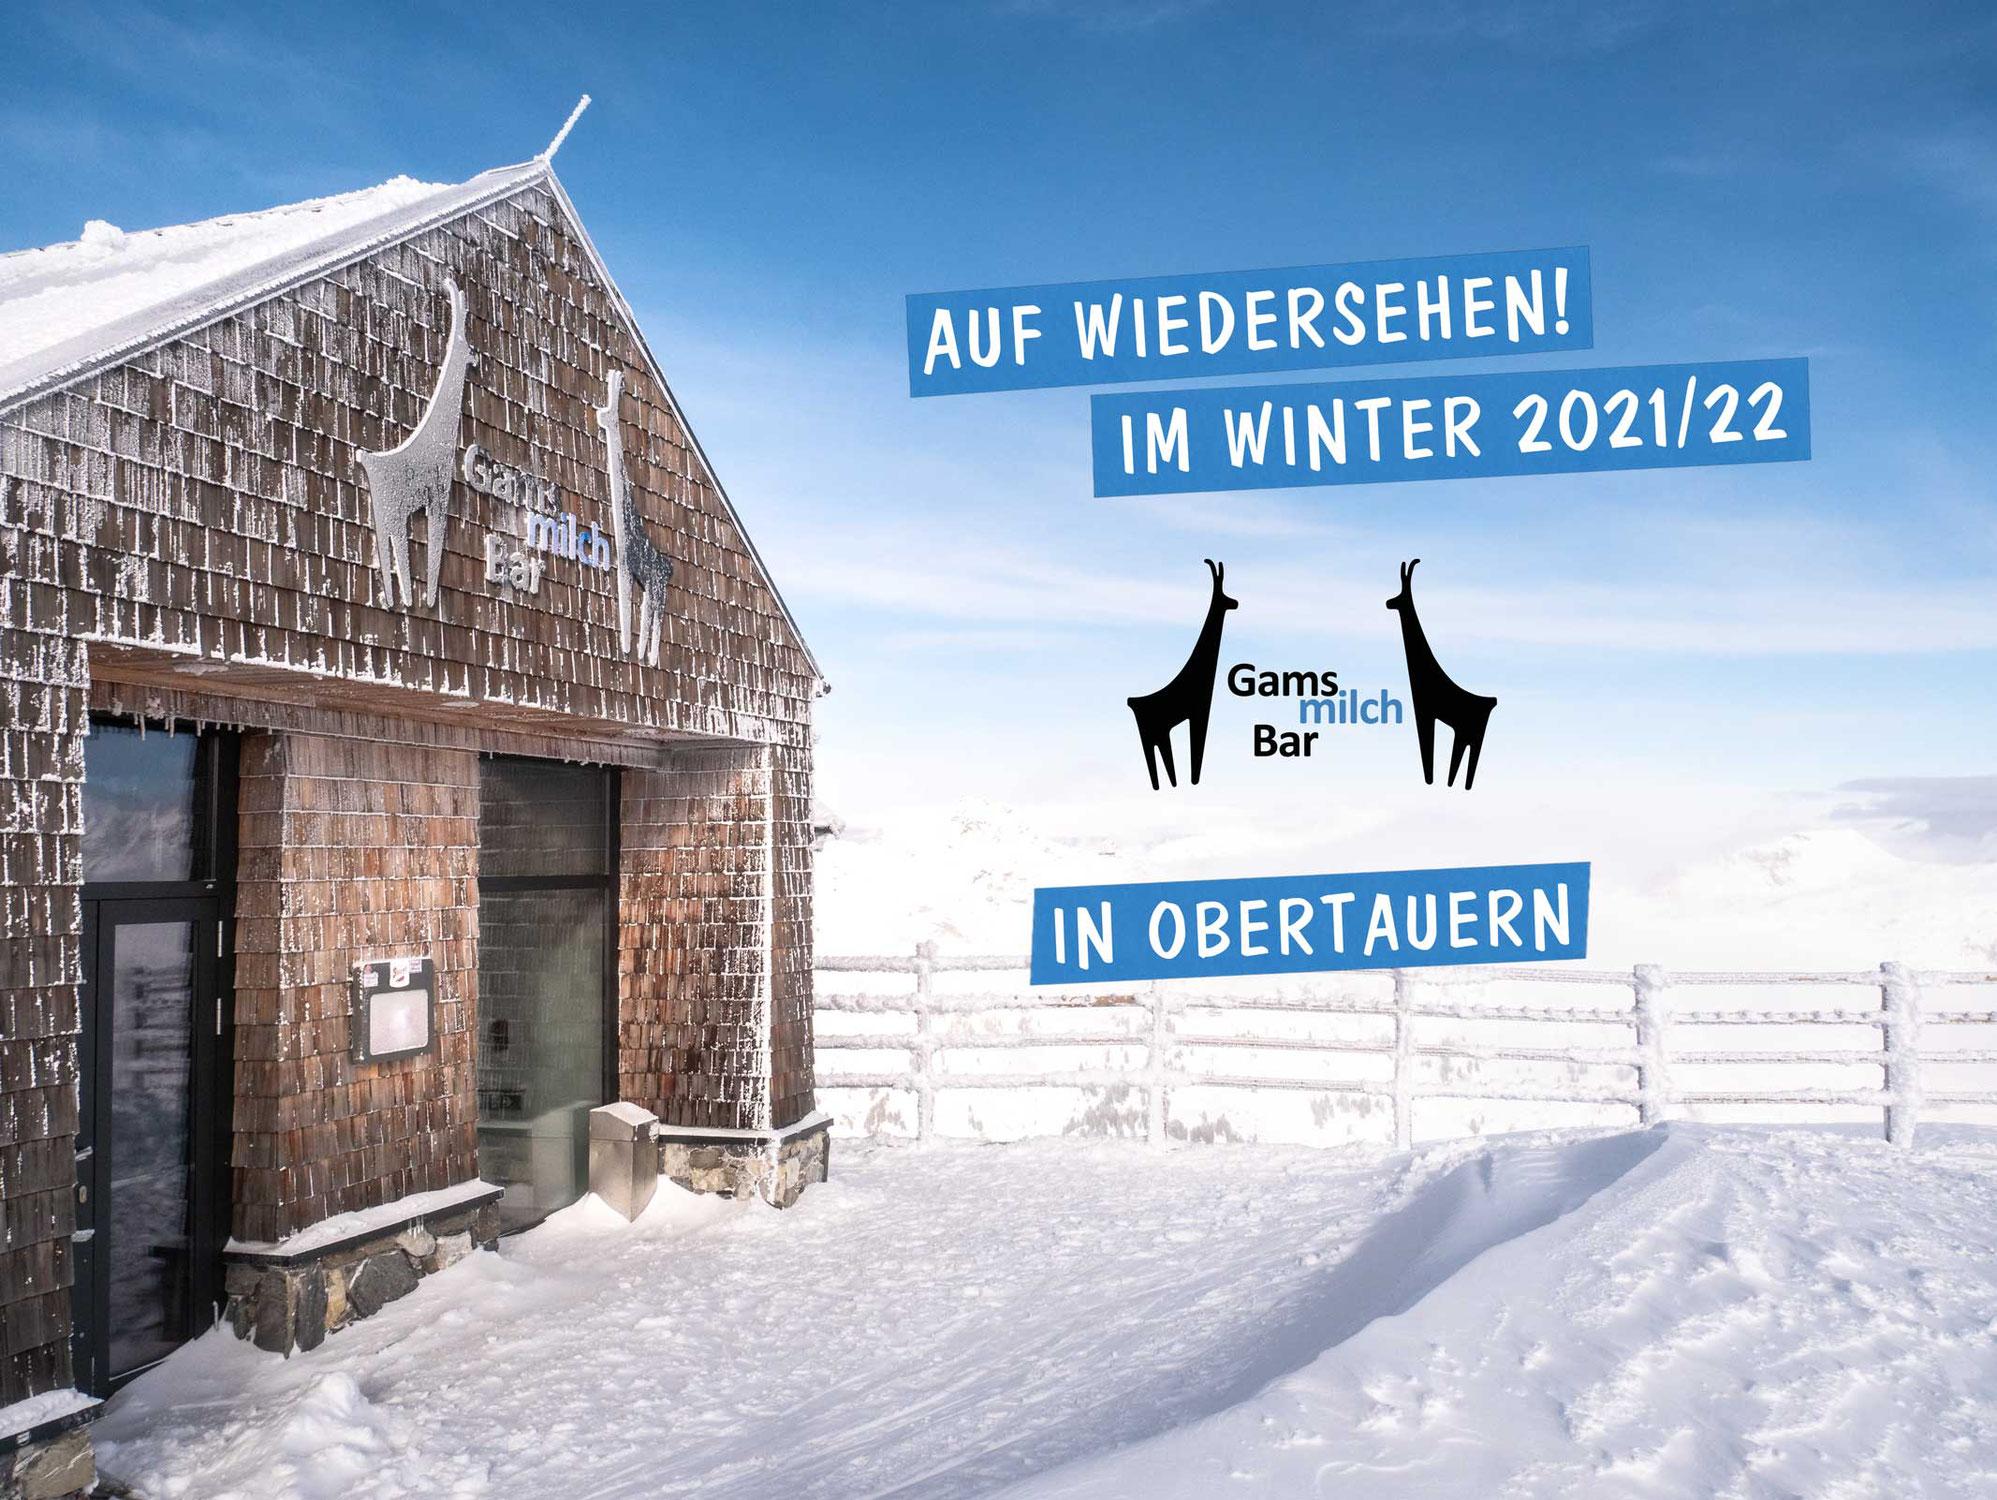 Auf Wiedersehen im Winter 2021/22!